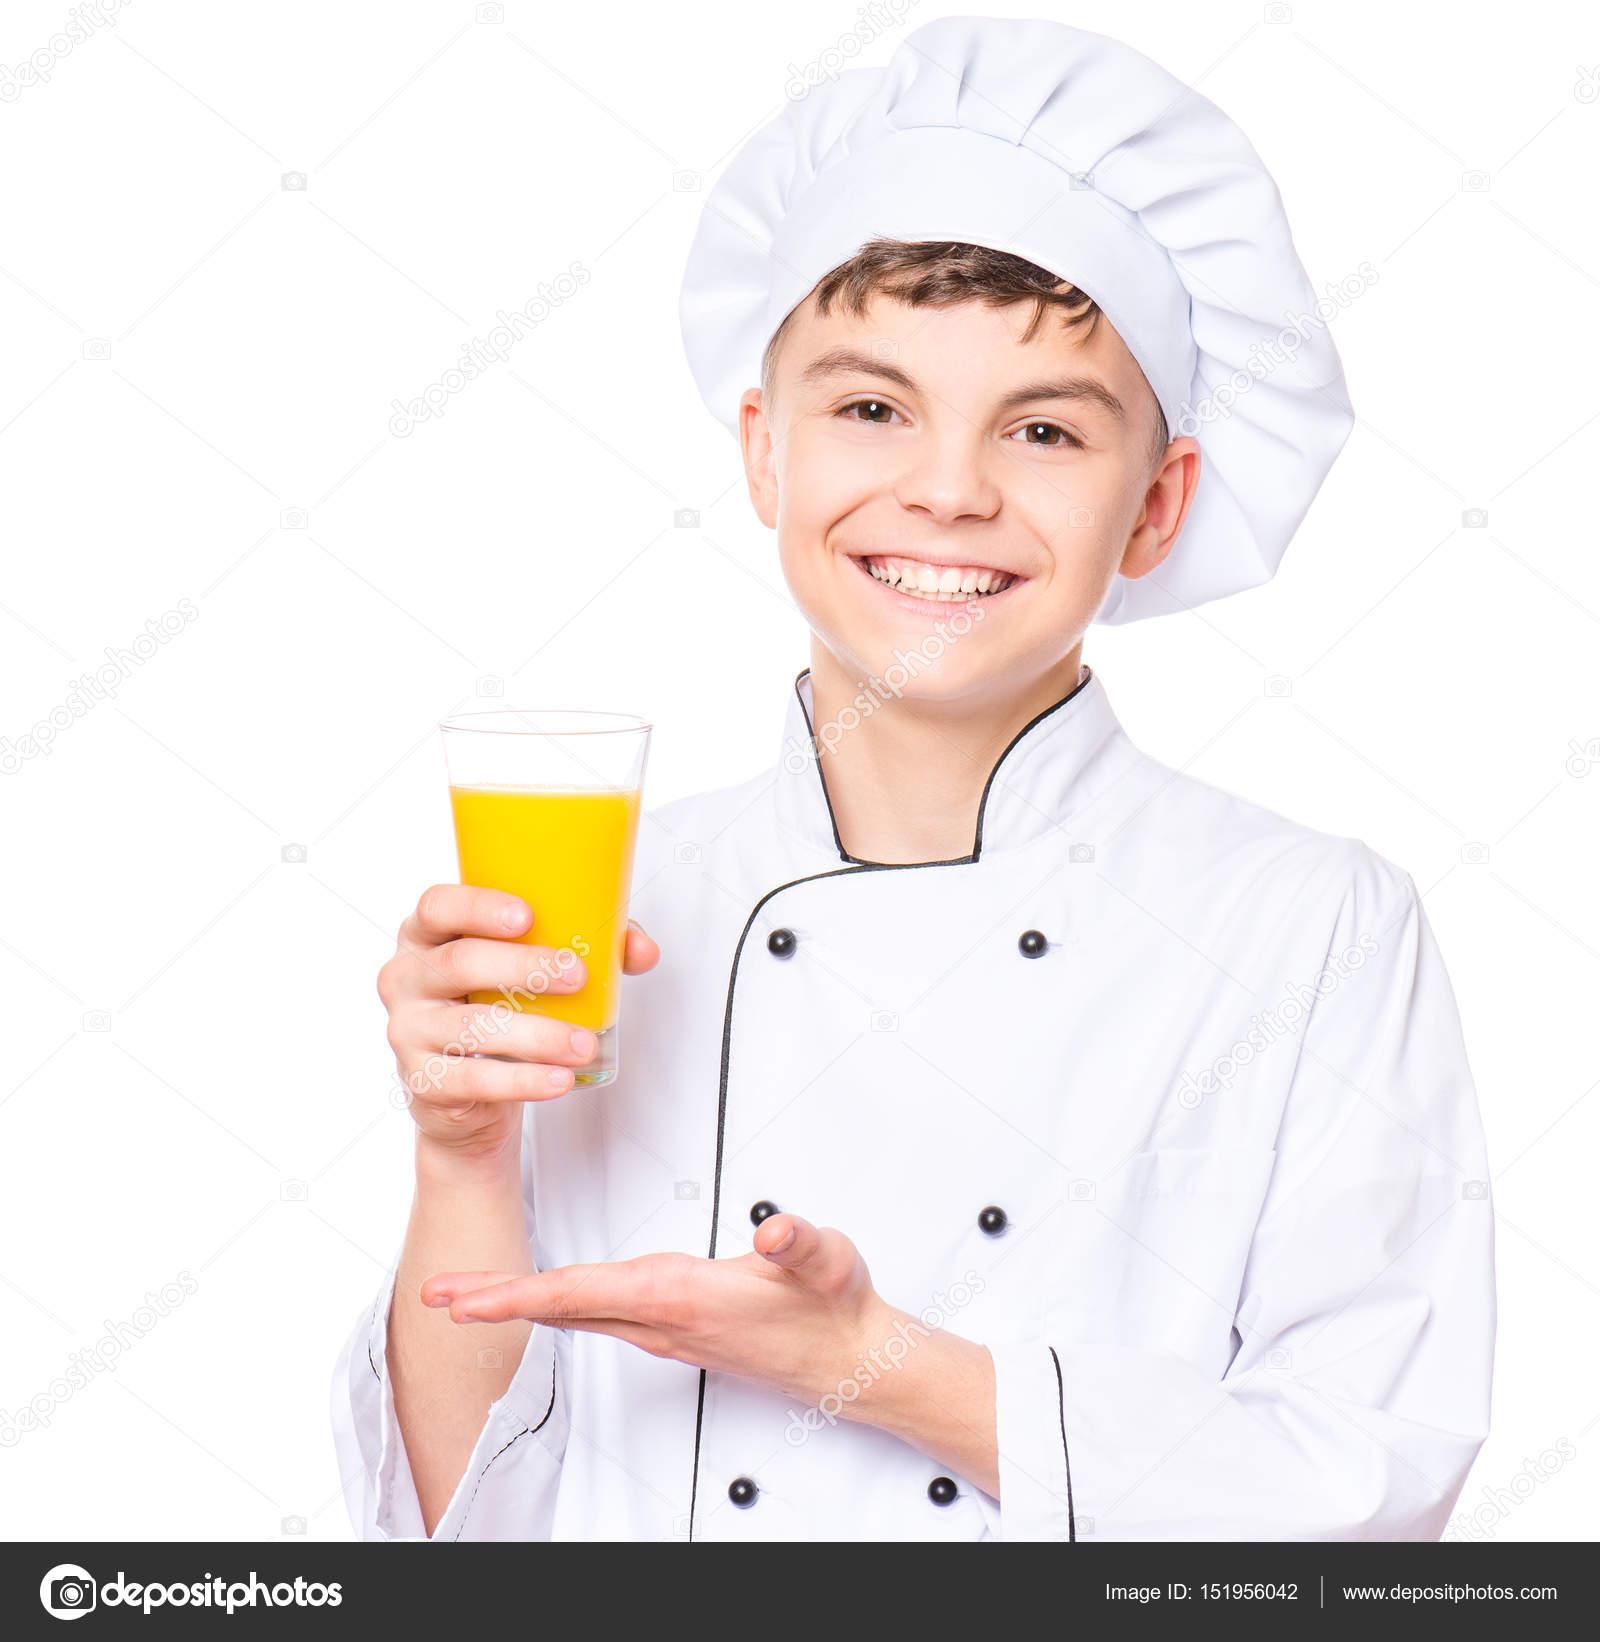 Teenboy juice